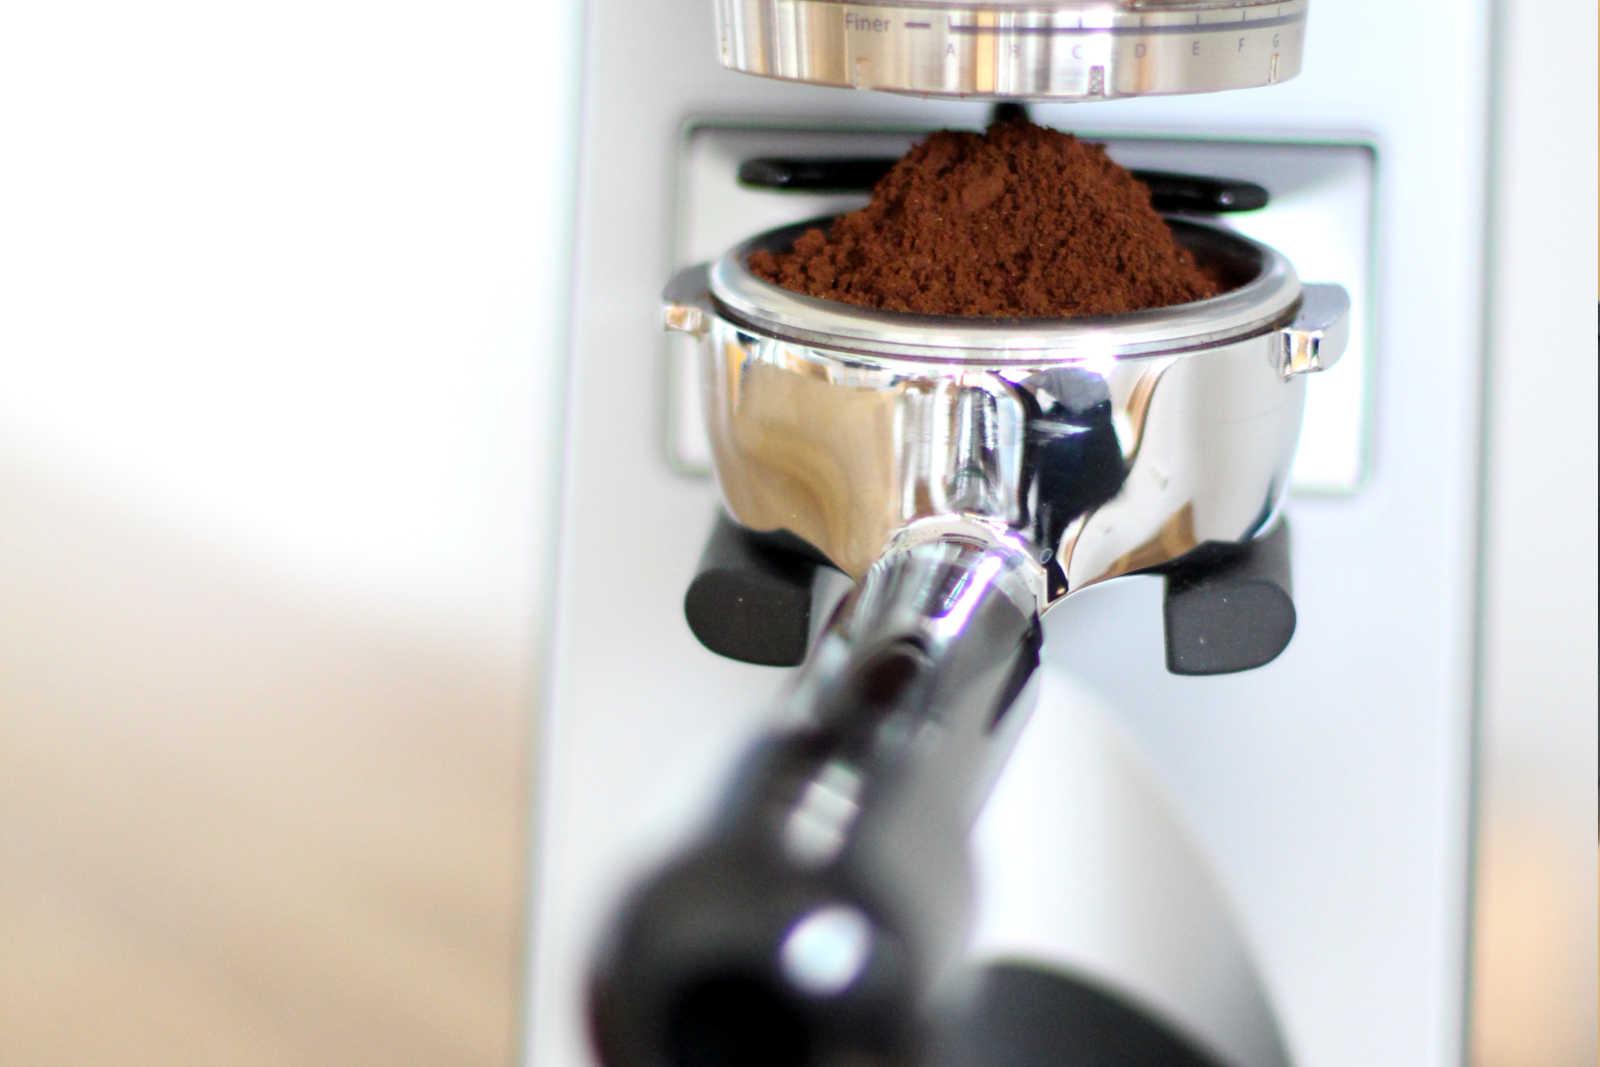 baratza-sette-270_espresso